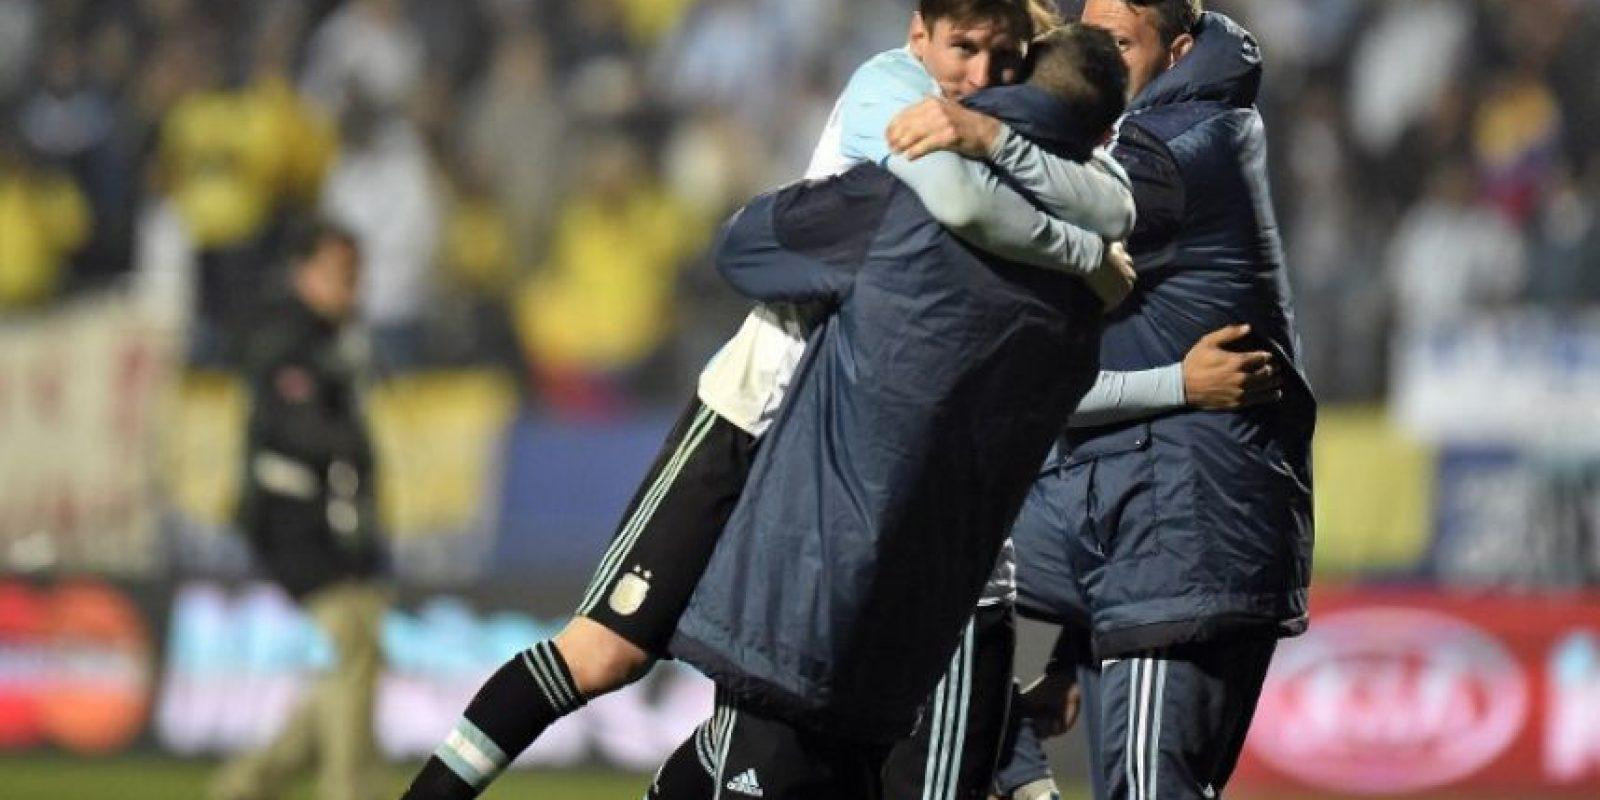 """1. Argentina cuenta con Lionel Messi, el mejor futbolista de los últimos tiempos. La """"Pulga"""" ha ganado cuatro Balones de Oro y aspira a un quinto en esta temporada Foto:AFP"""